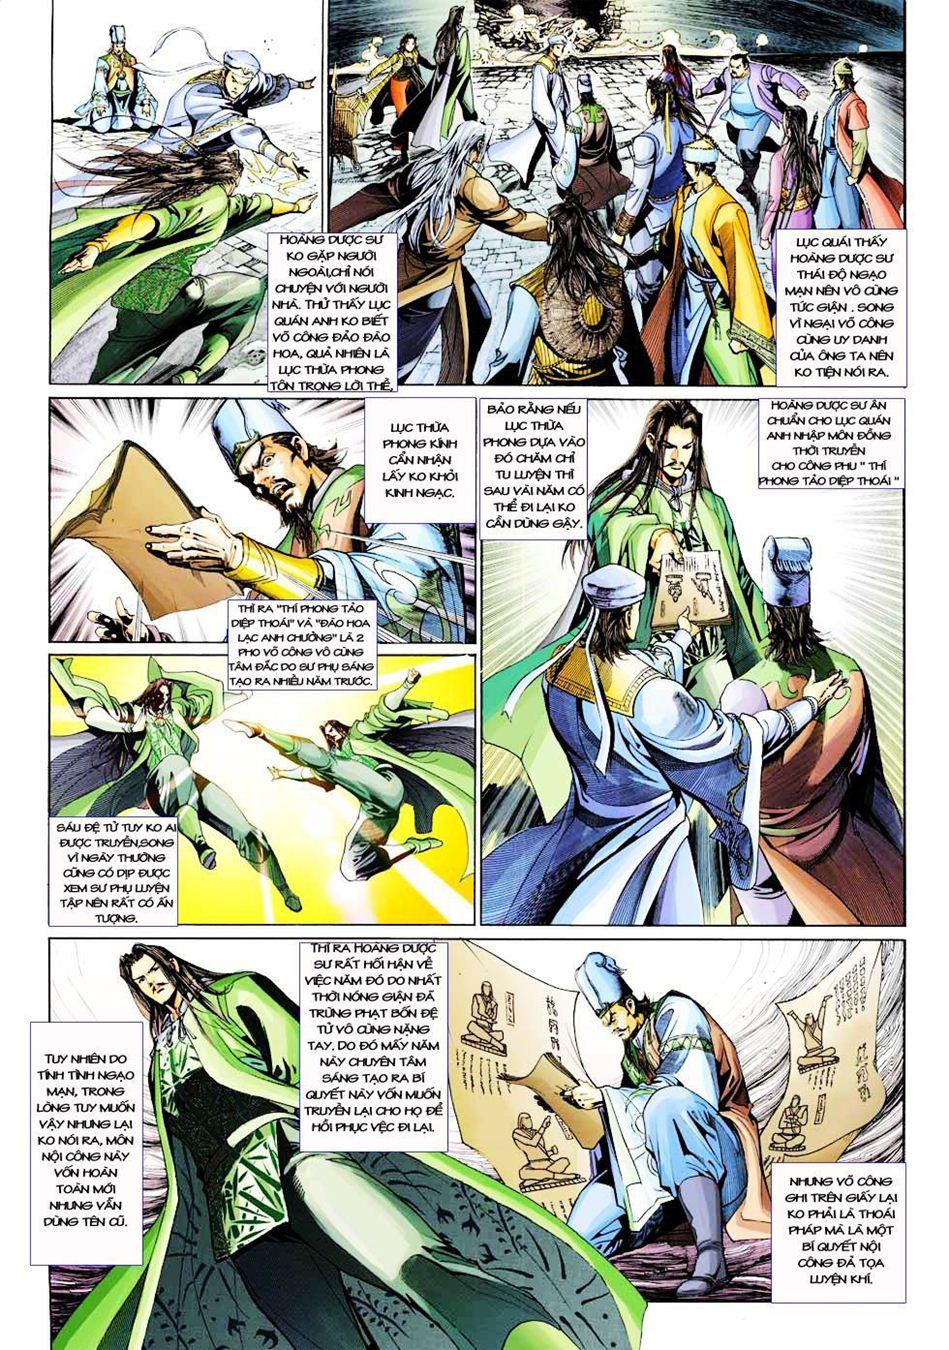 Anh Hùng Xạ Điêu anh hùng xạ đêu chap 33 trang 7